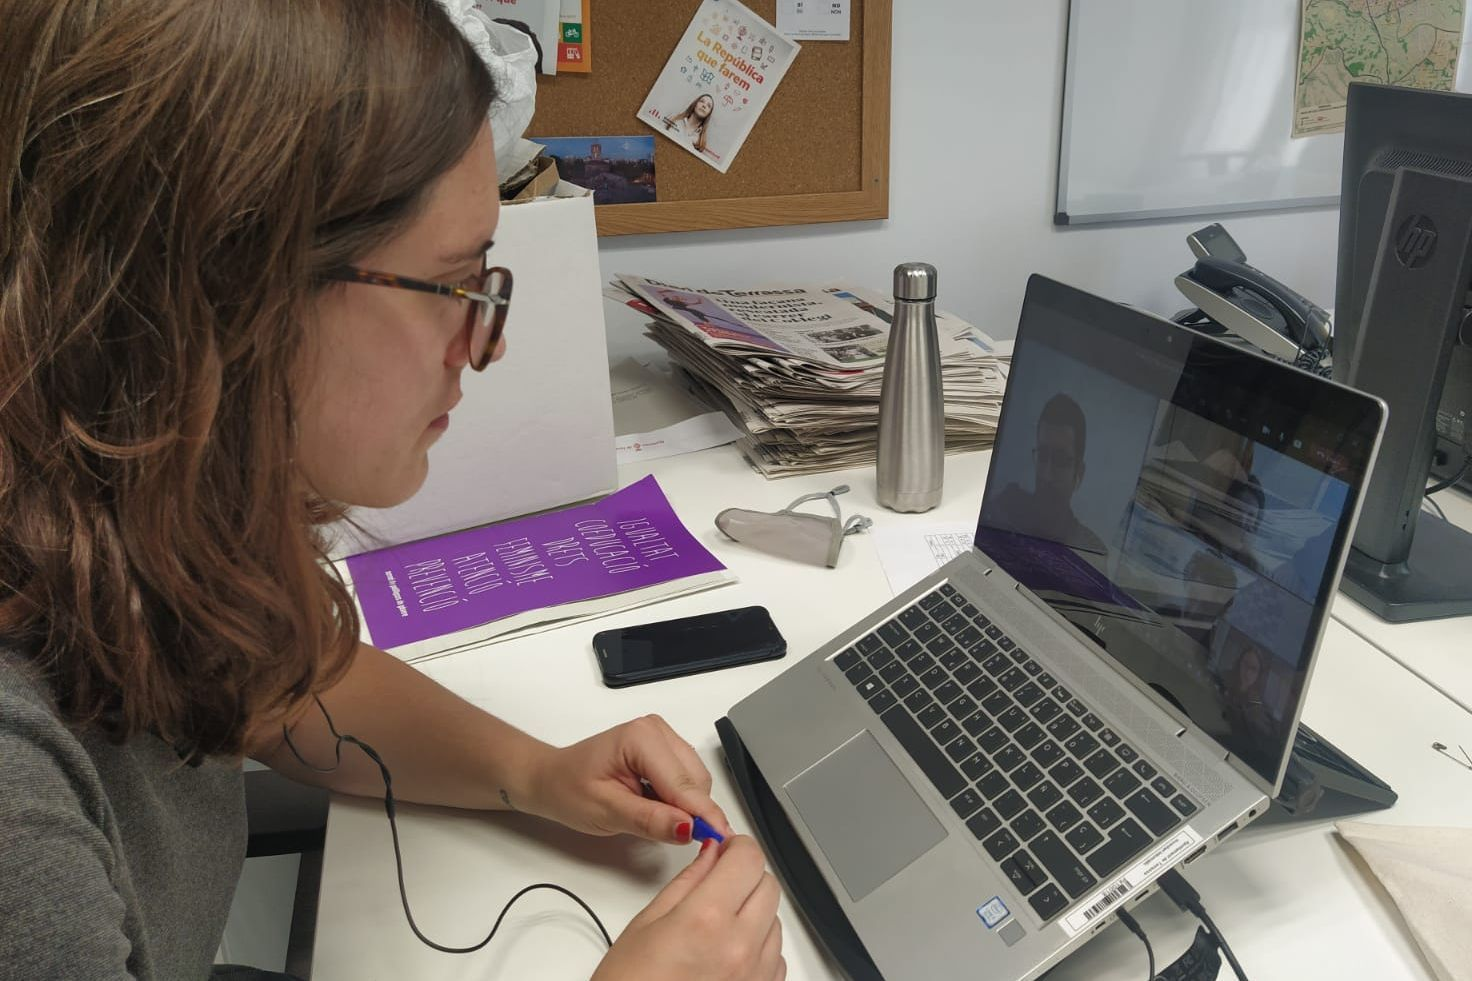 La regidora de Joventut, Ona Martínez, s'ha reunit avui amb el director general de Joventut de la Generalitat de Catalunya/A.T.